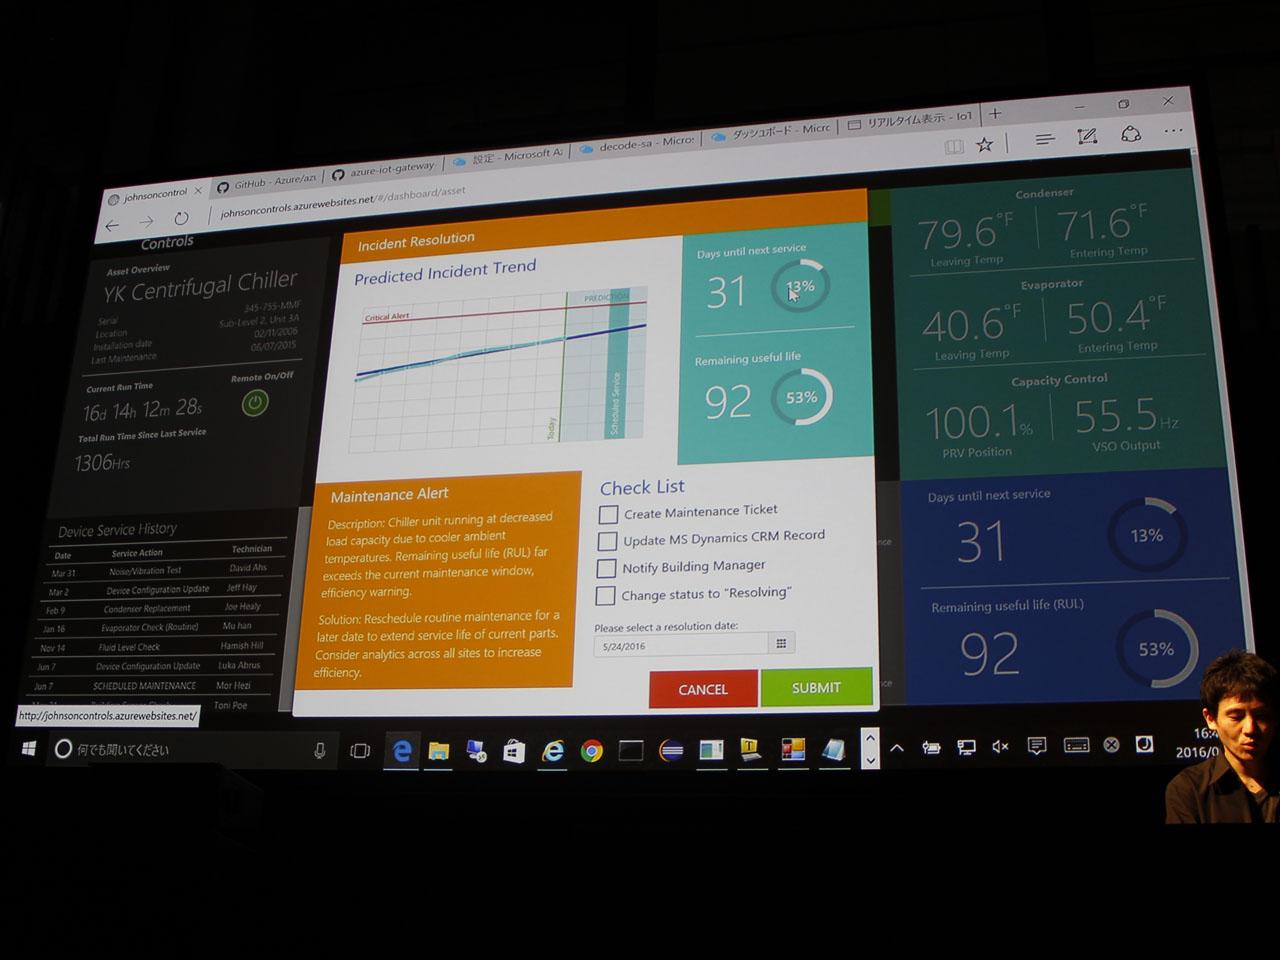 Azure IoT Suiteとの連携で、過去のデータに基づいて、いつしきい値を超えるかを機械学習で予測、ビル施設が故障する前に修理スケジュールを立てるなど、問題に対処できる